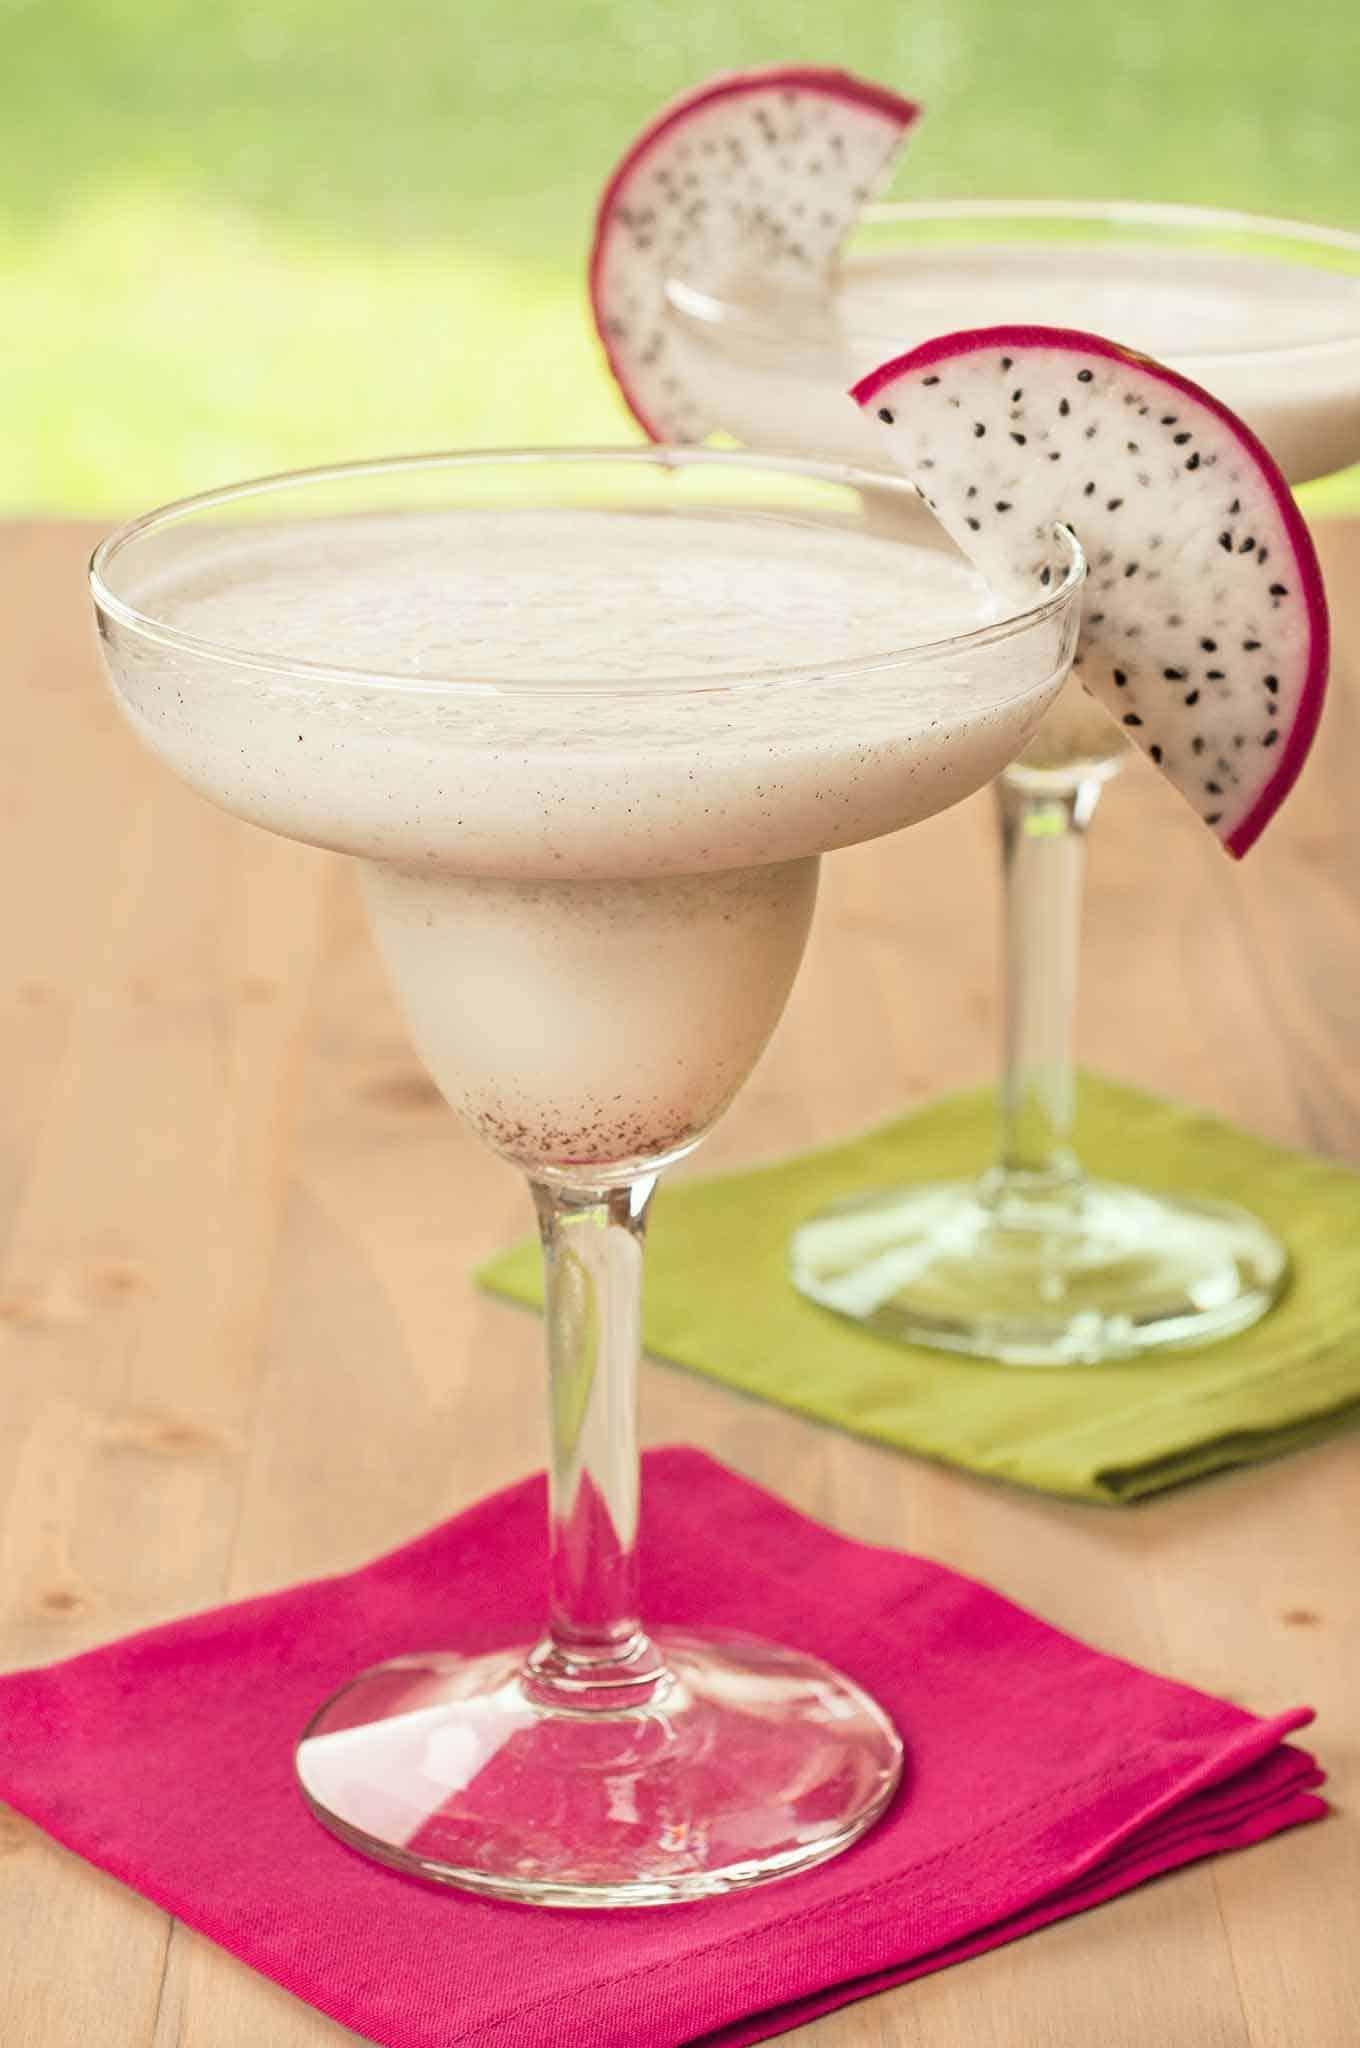 White Dragon Fruit Margarita with garnish